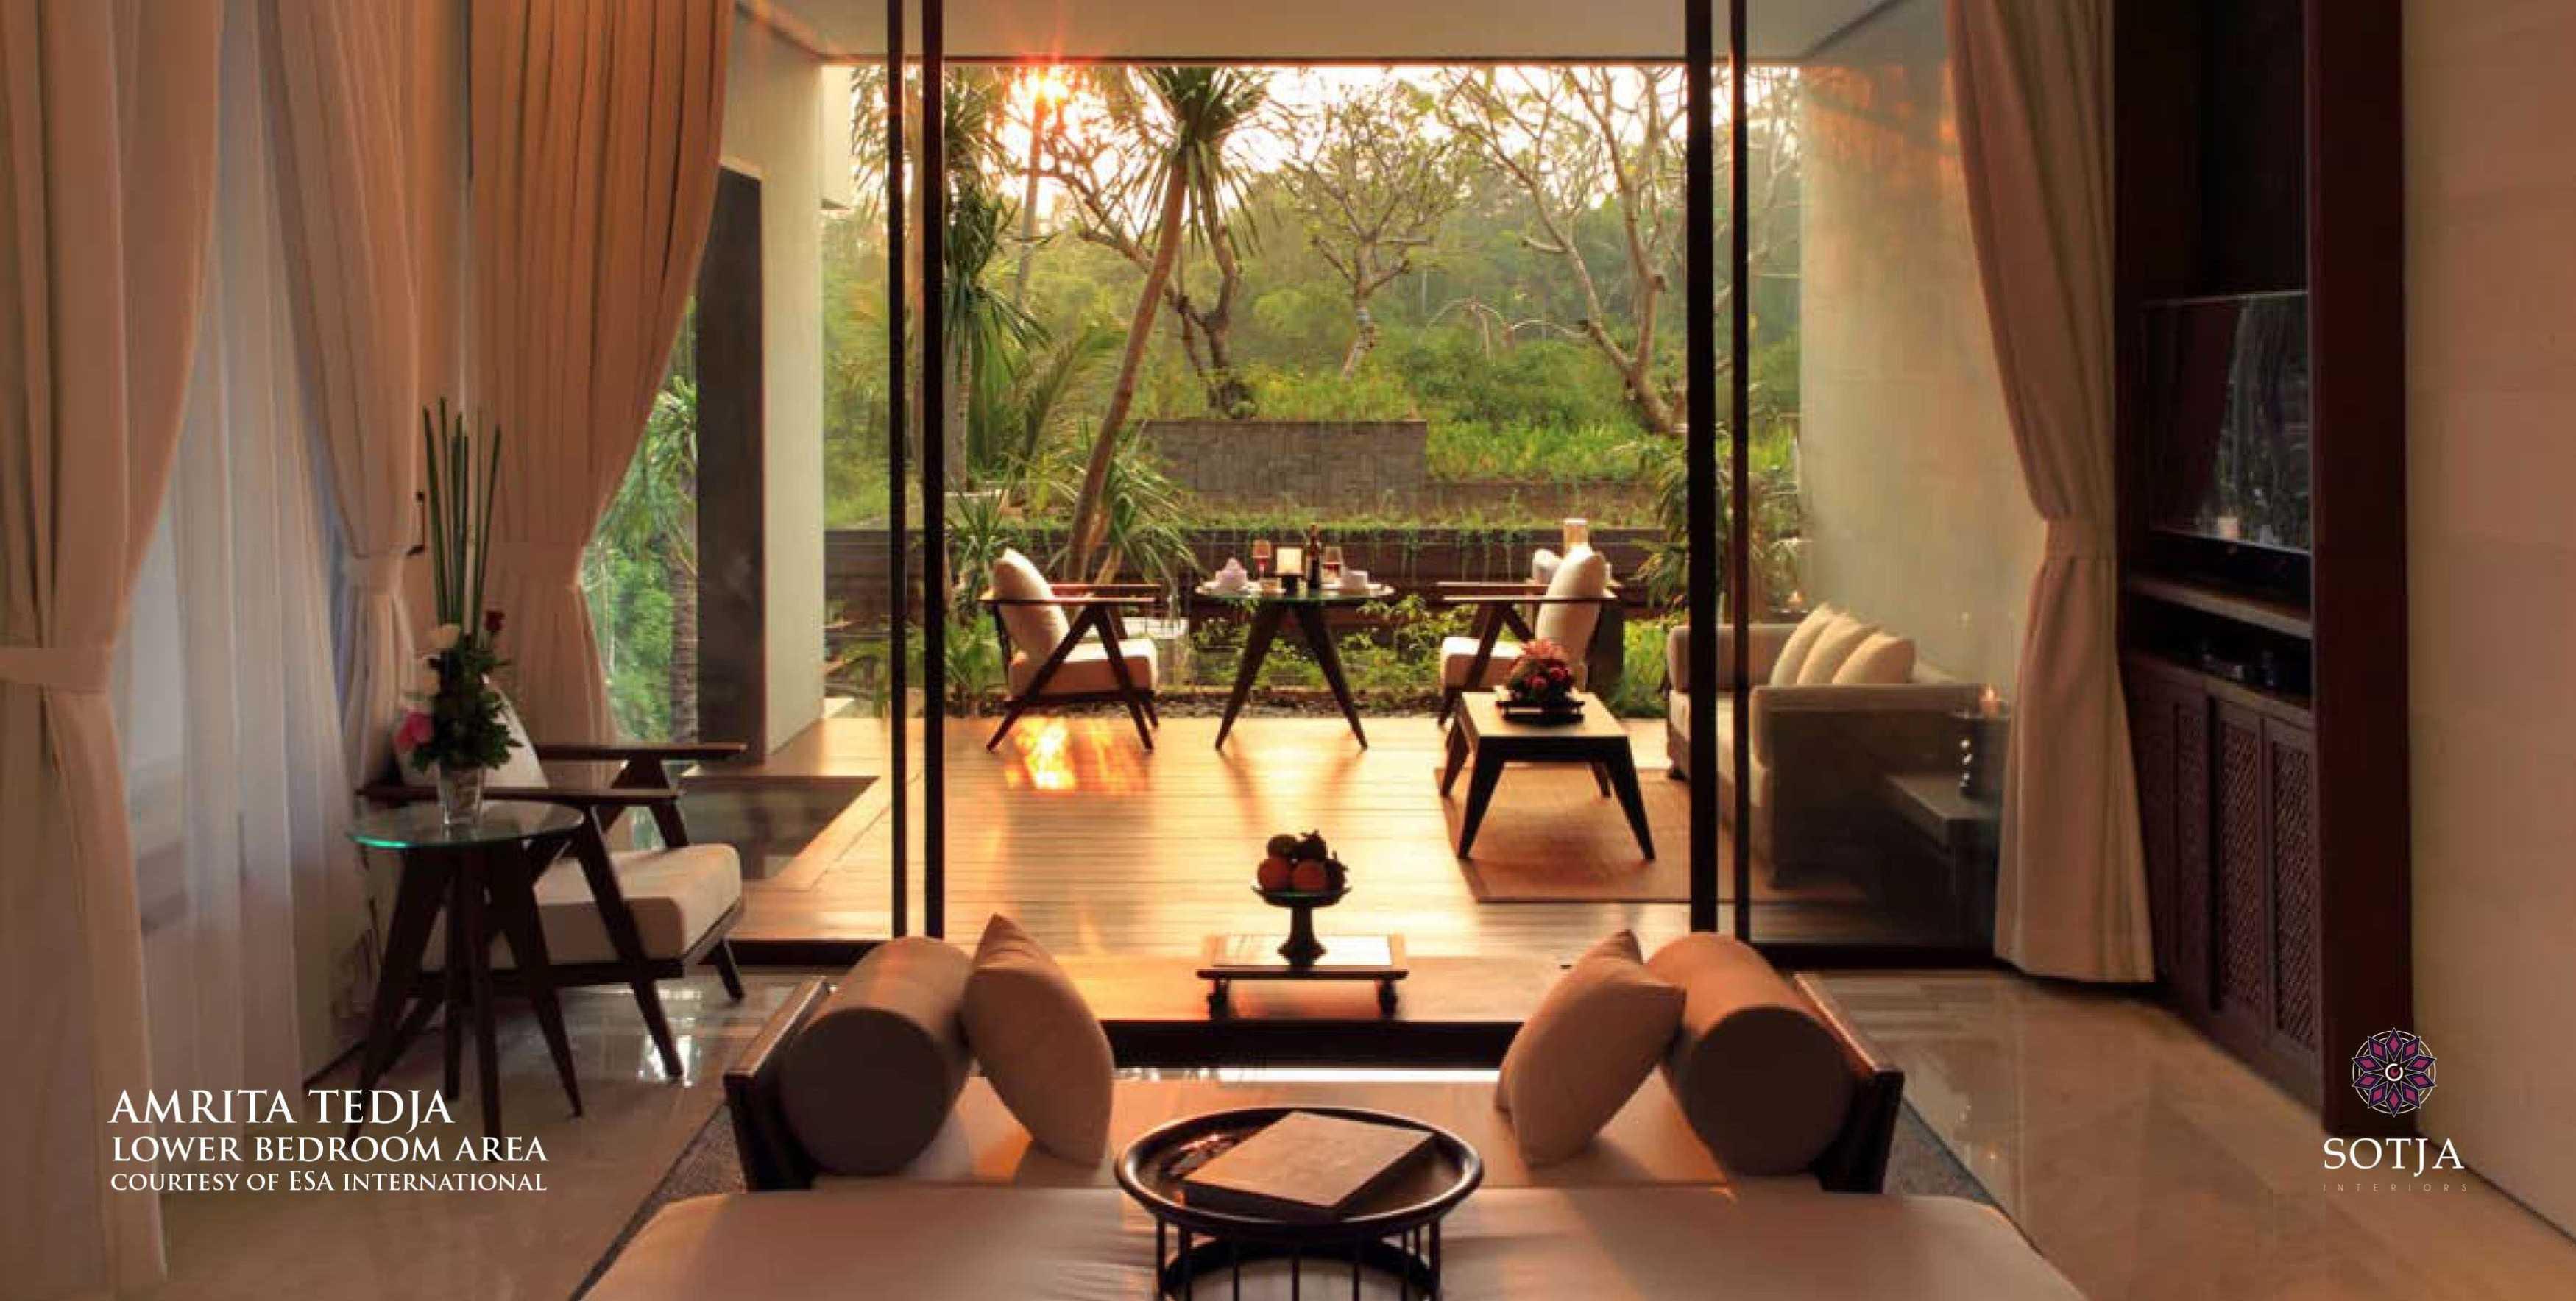 Sotja Interiors Amrita Tedja At Ubud Bali, Indonesia Bali, Indonesia Lower Bedroom Area   8725